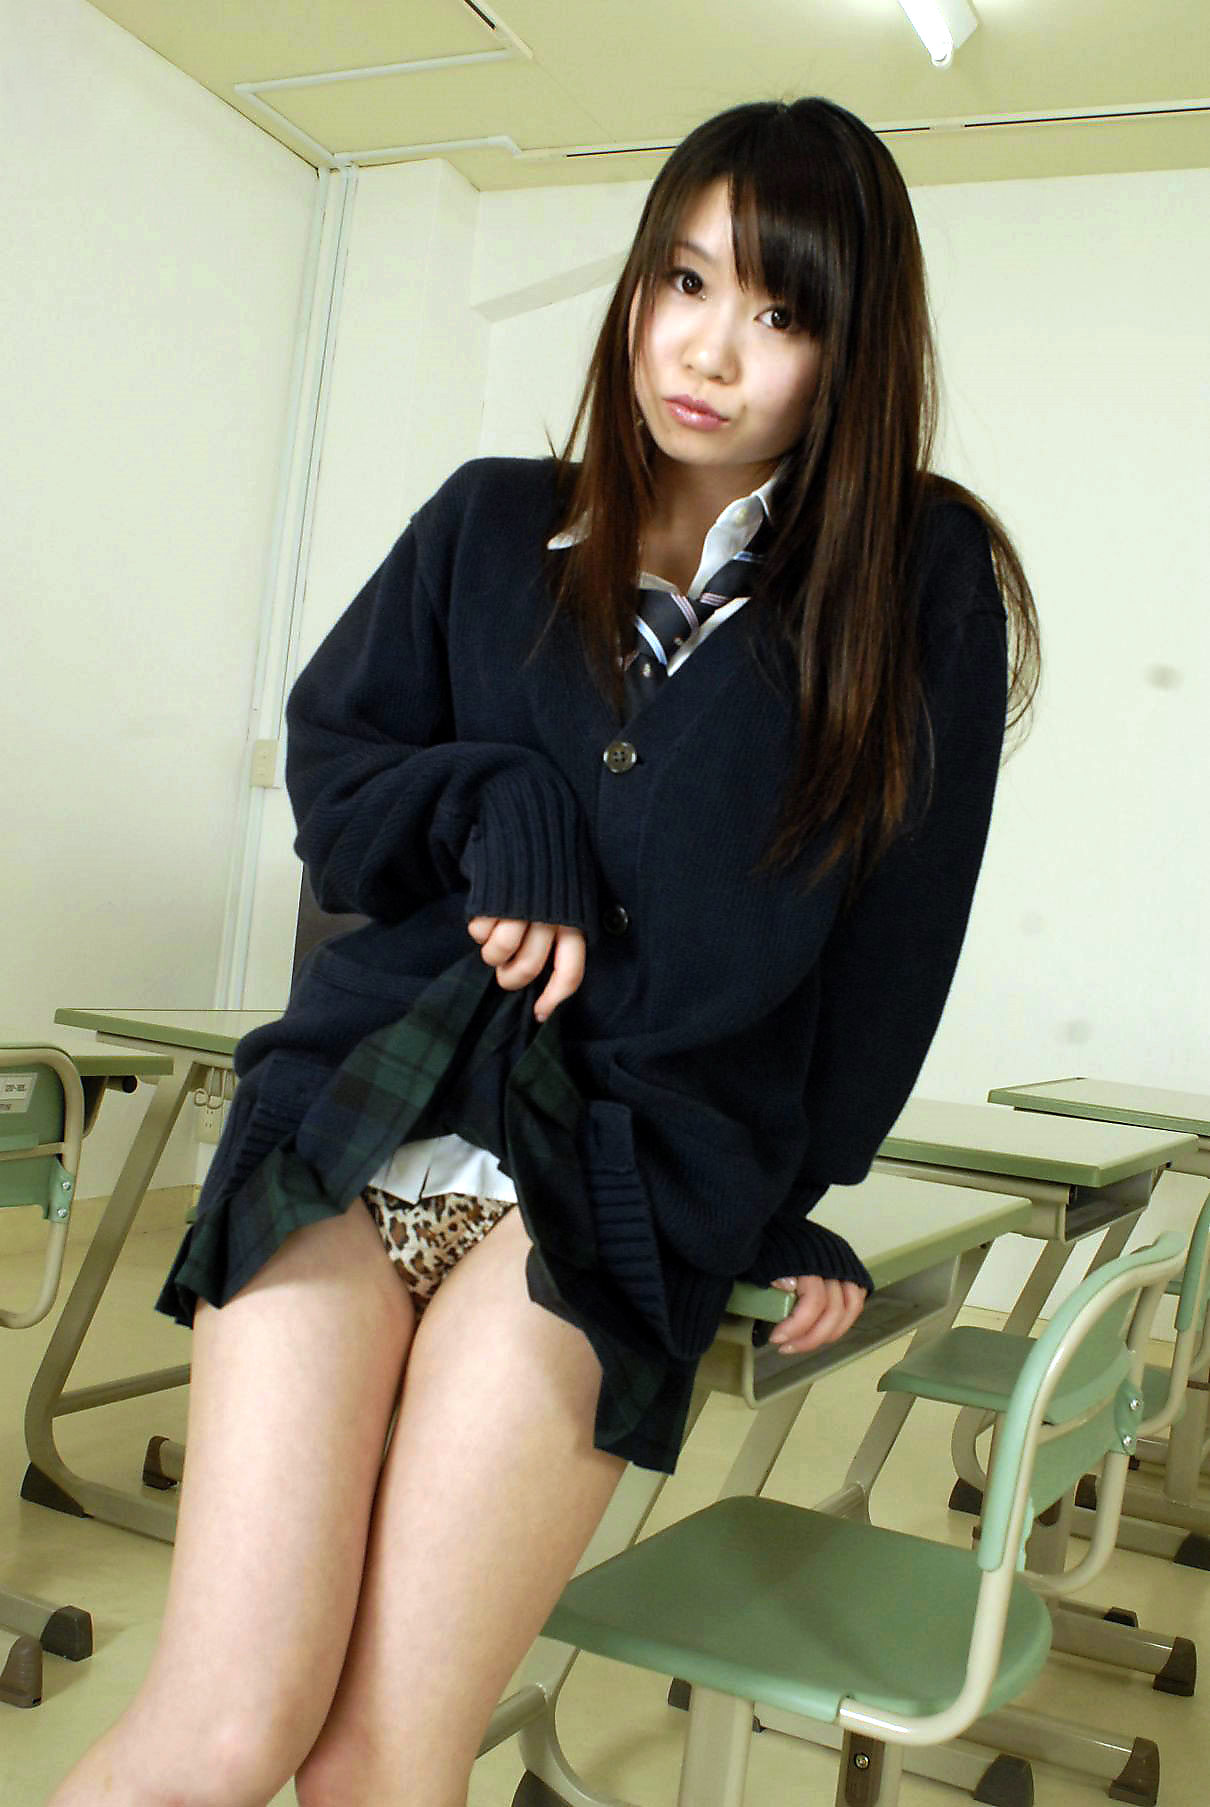 10代小娘がセイフク姿でスカート捲ってパンツ丸見えを見せてくれるという至福の瞬間wwwwwwwwww(写真あり)